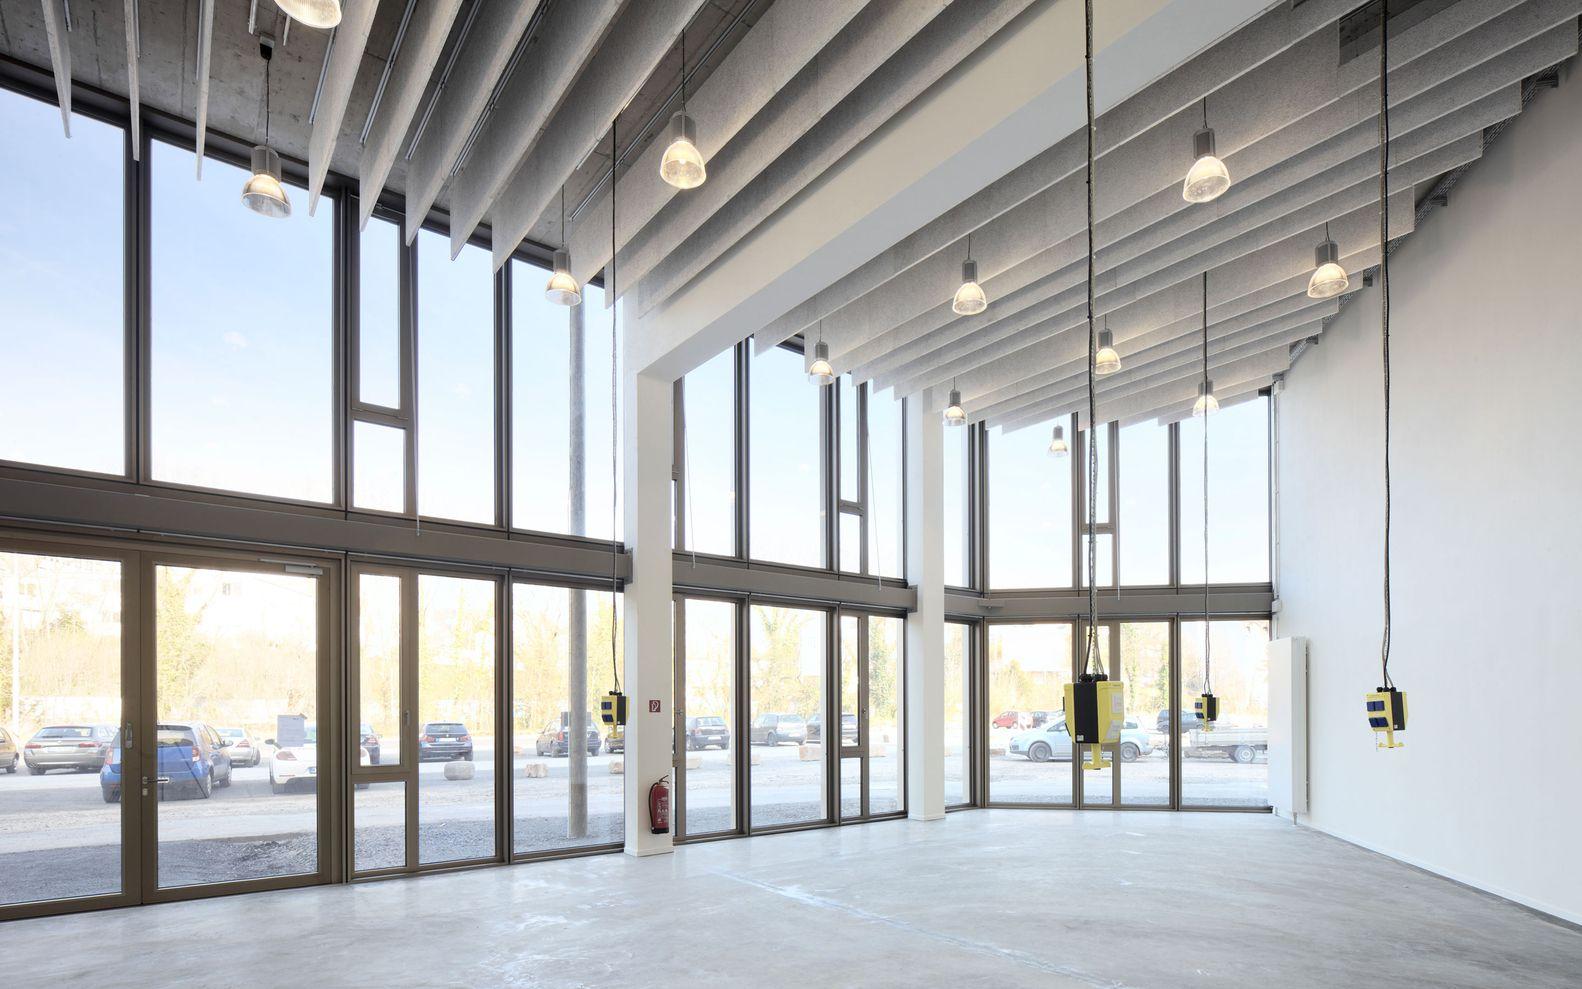 Architekten In Kassel gallery of science park kassel birk heilmeyer und frenzel